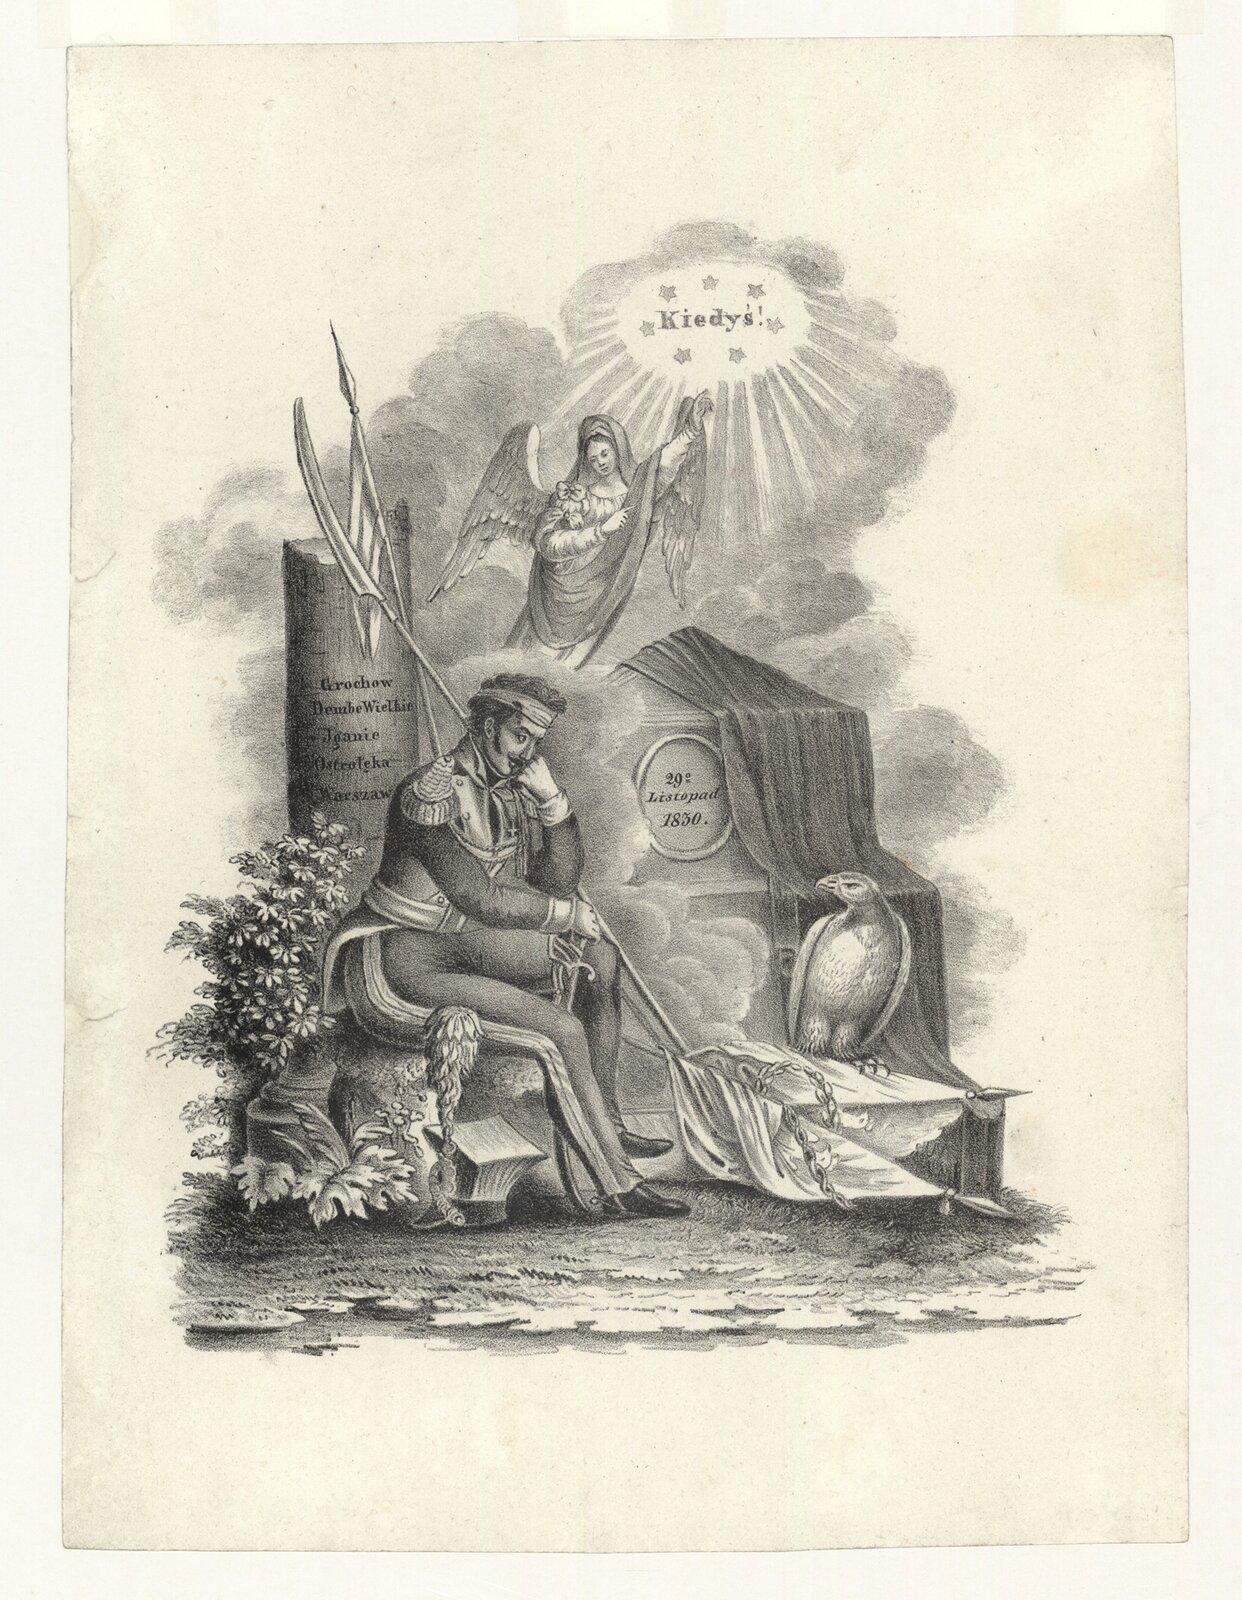 Alegoria upadku powstania listopadowego Źródło: autor nieznany, Alegoria upadku powstania listopadowego, ok. 1831, litografia, domena publiczna.